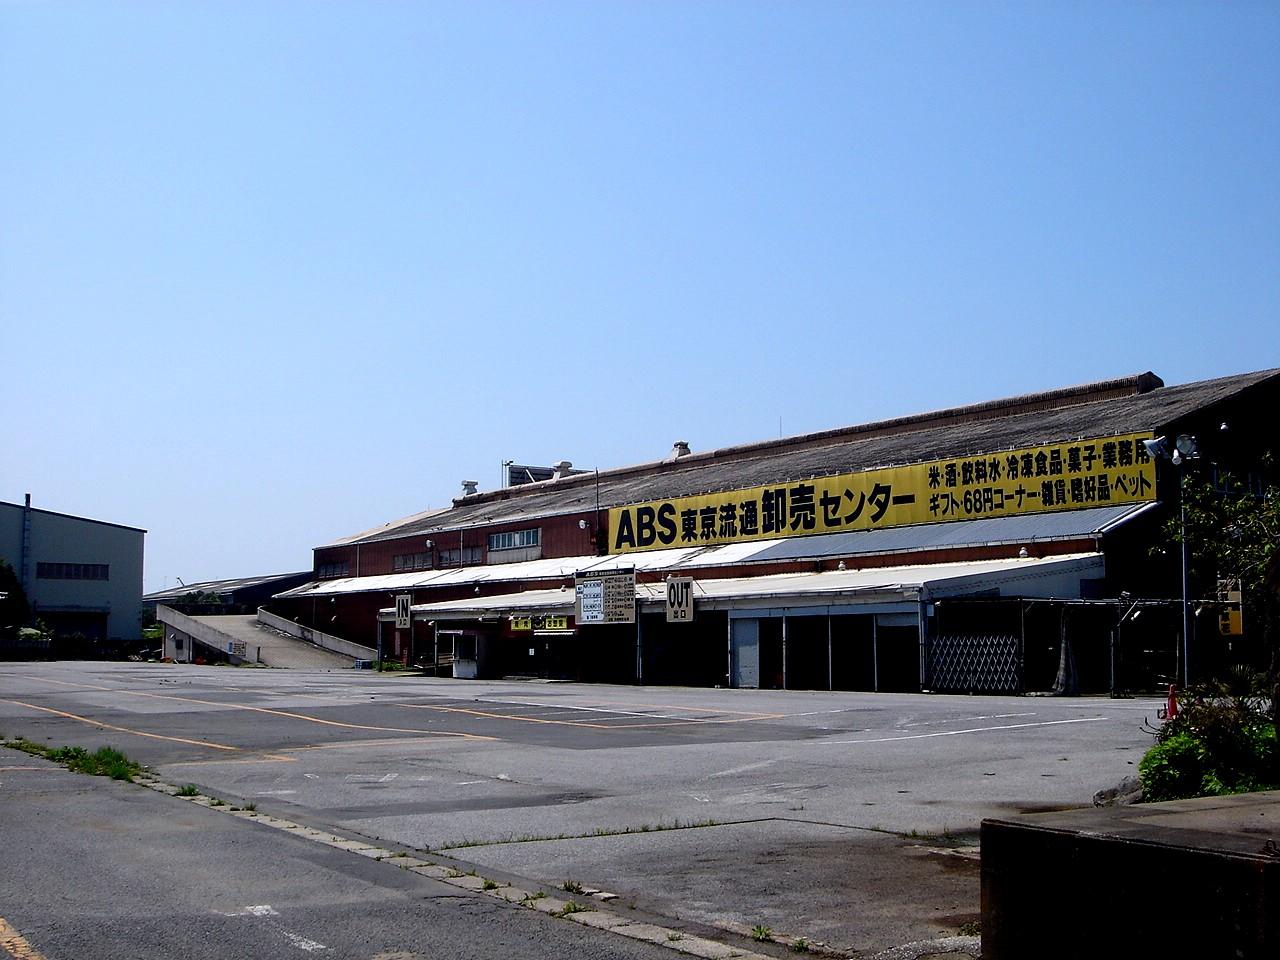 卸売 センター abs